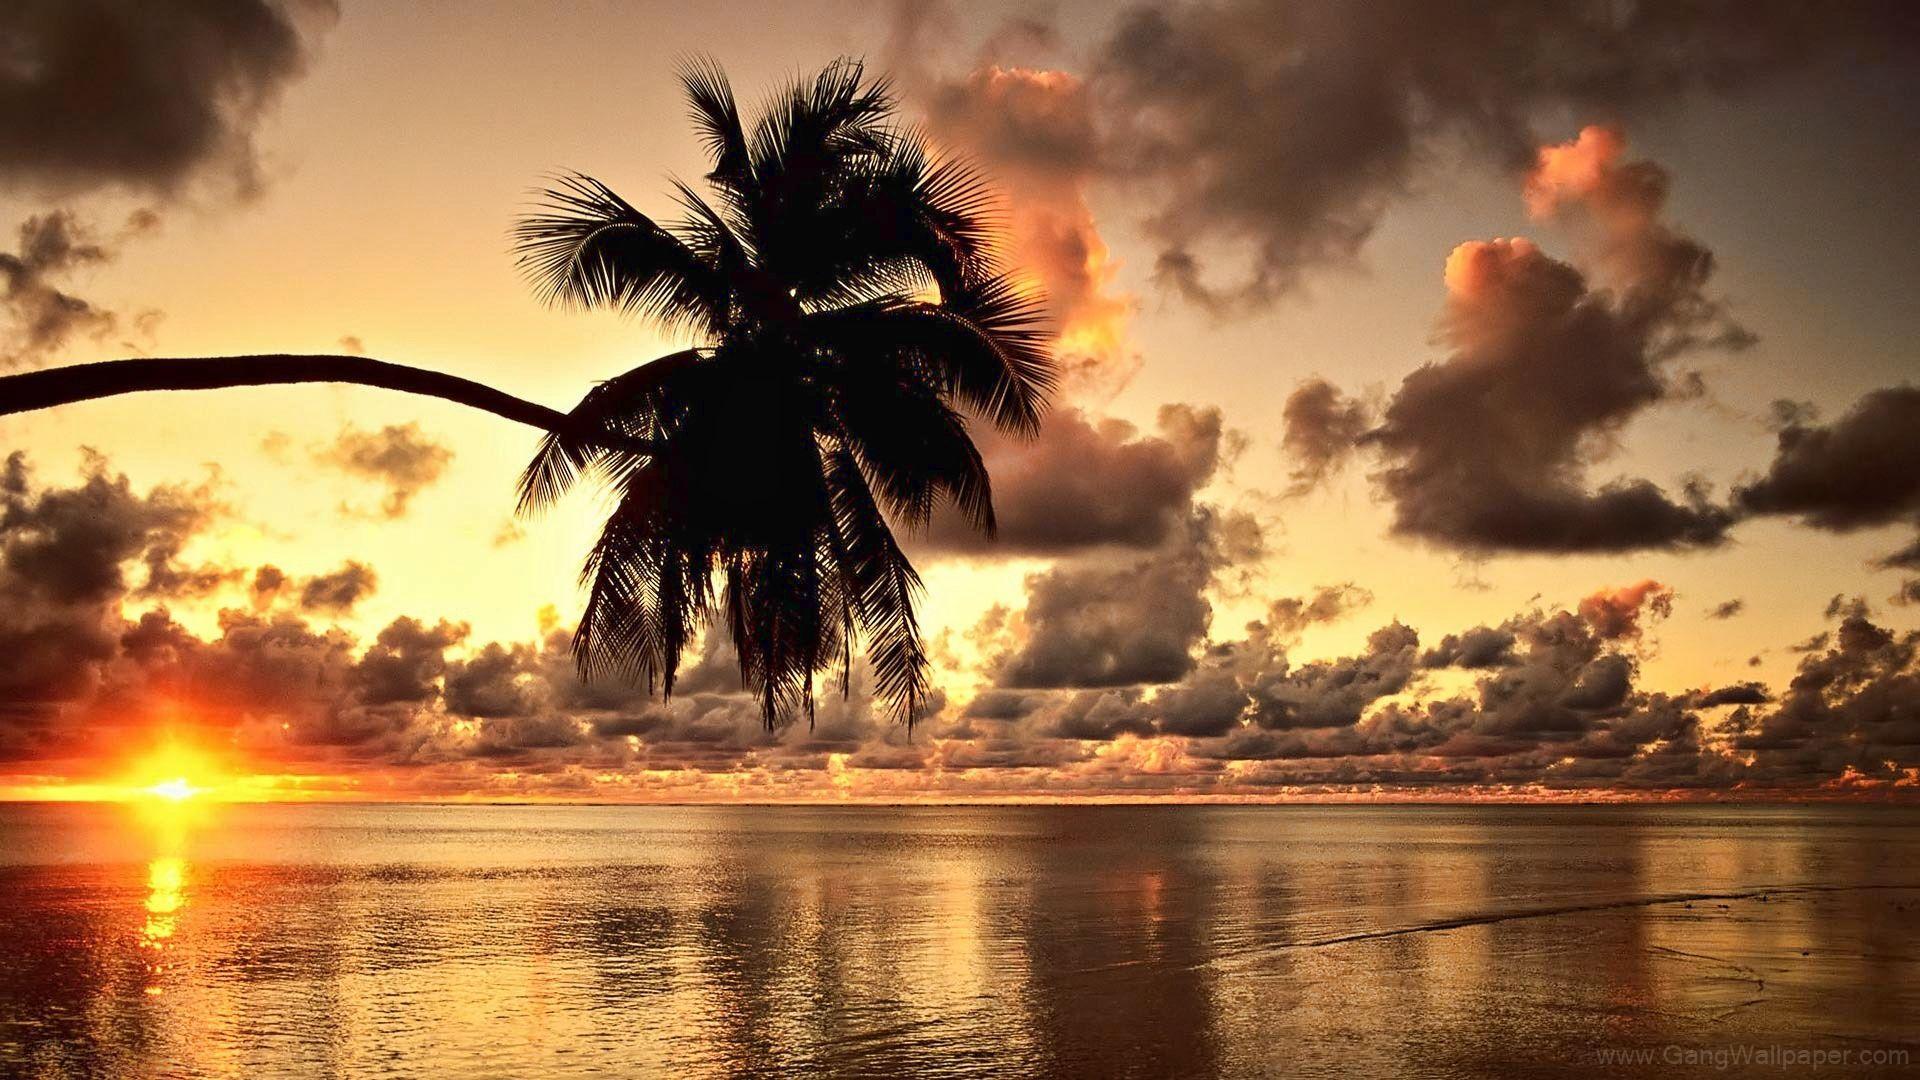 Hawaii Beach Sunset Background Hd Wallpaper Beautiful Scenery Wallpaper Beach Sunset Wallpaper Sunset Wallpaper